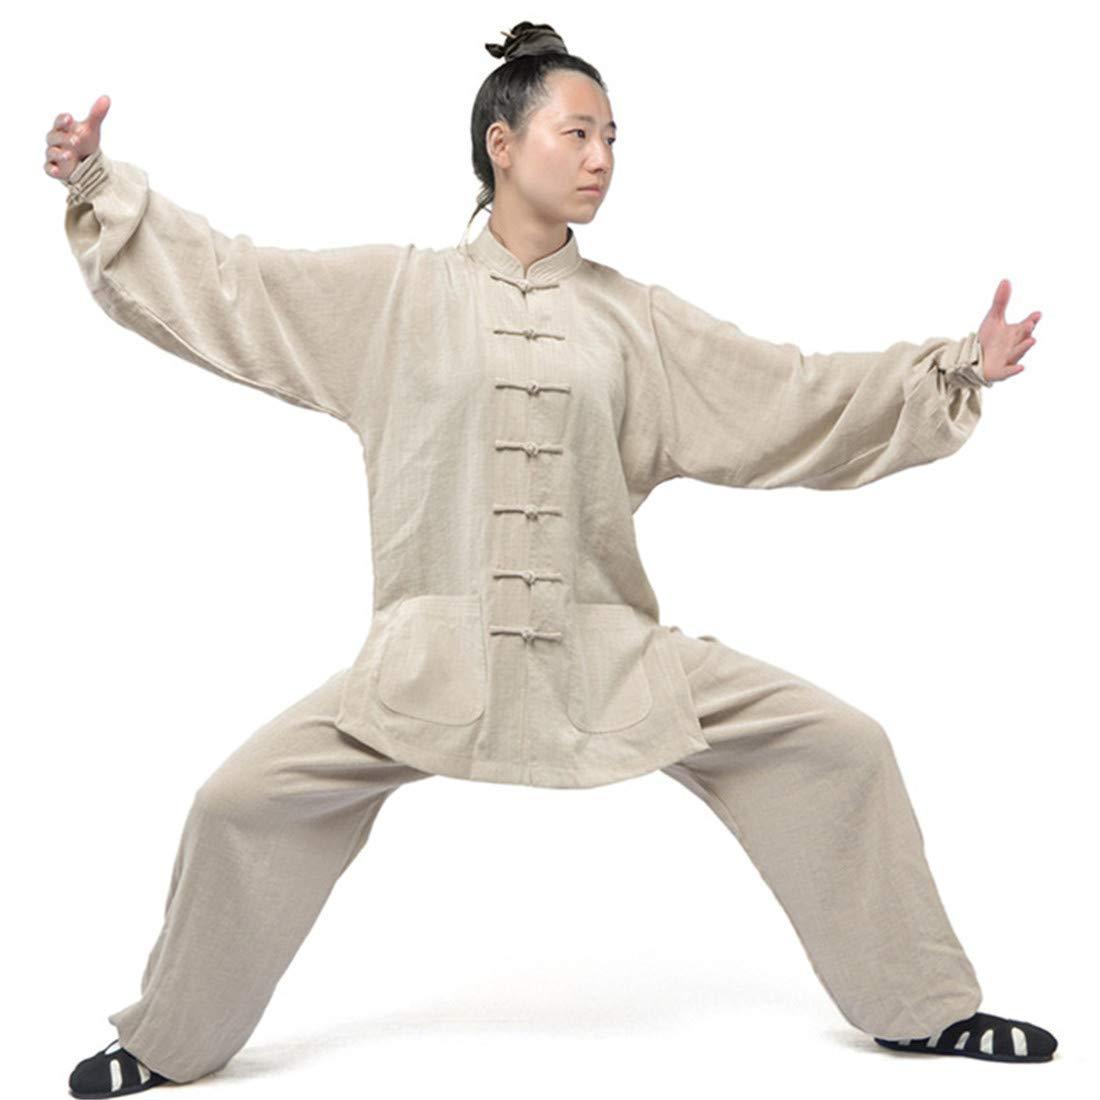 CAI&HONG-Domestics GUO Abbigliamento per Arti Marziali Abbigliamento da Allenamento per Abbigliamento Taiji